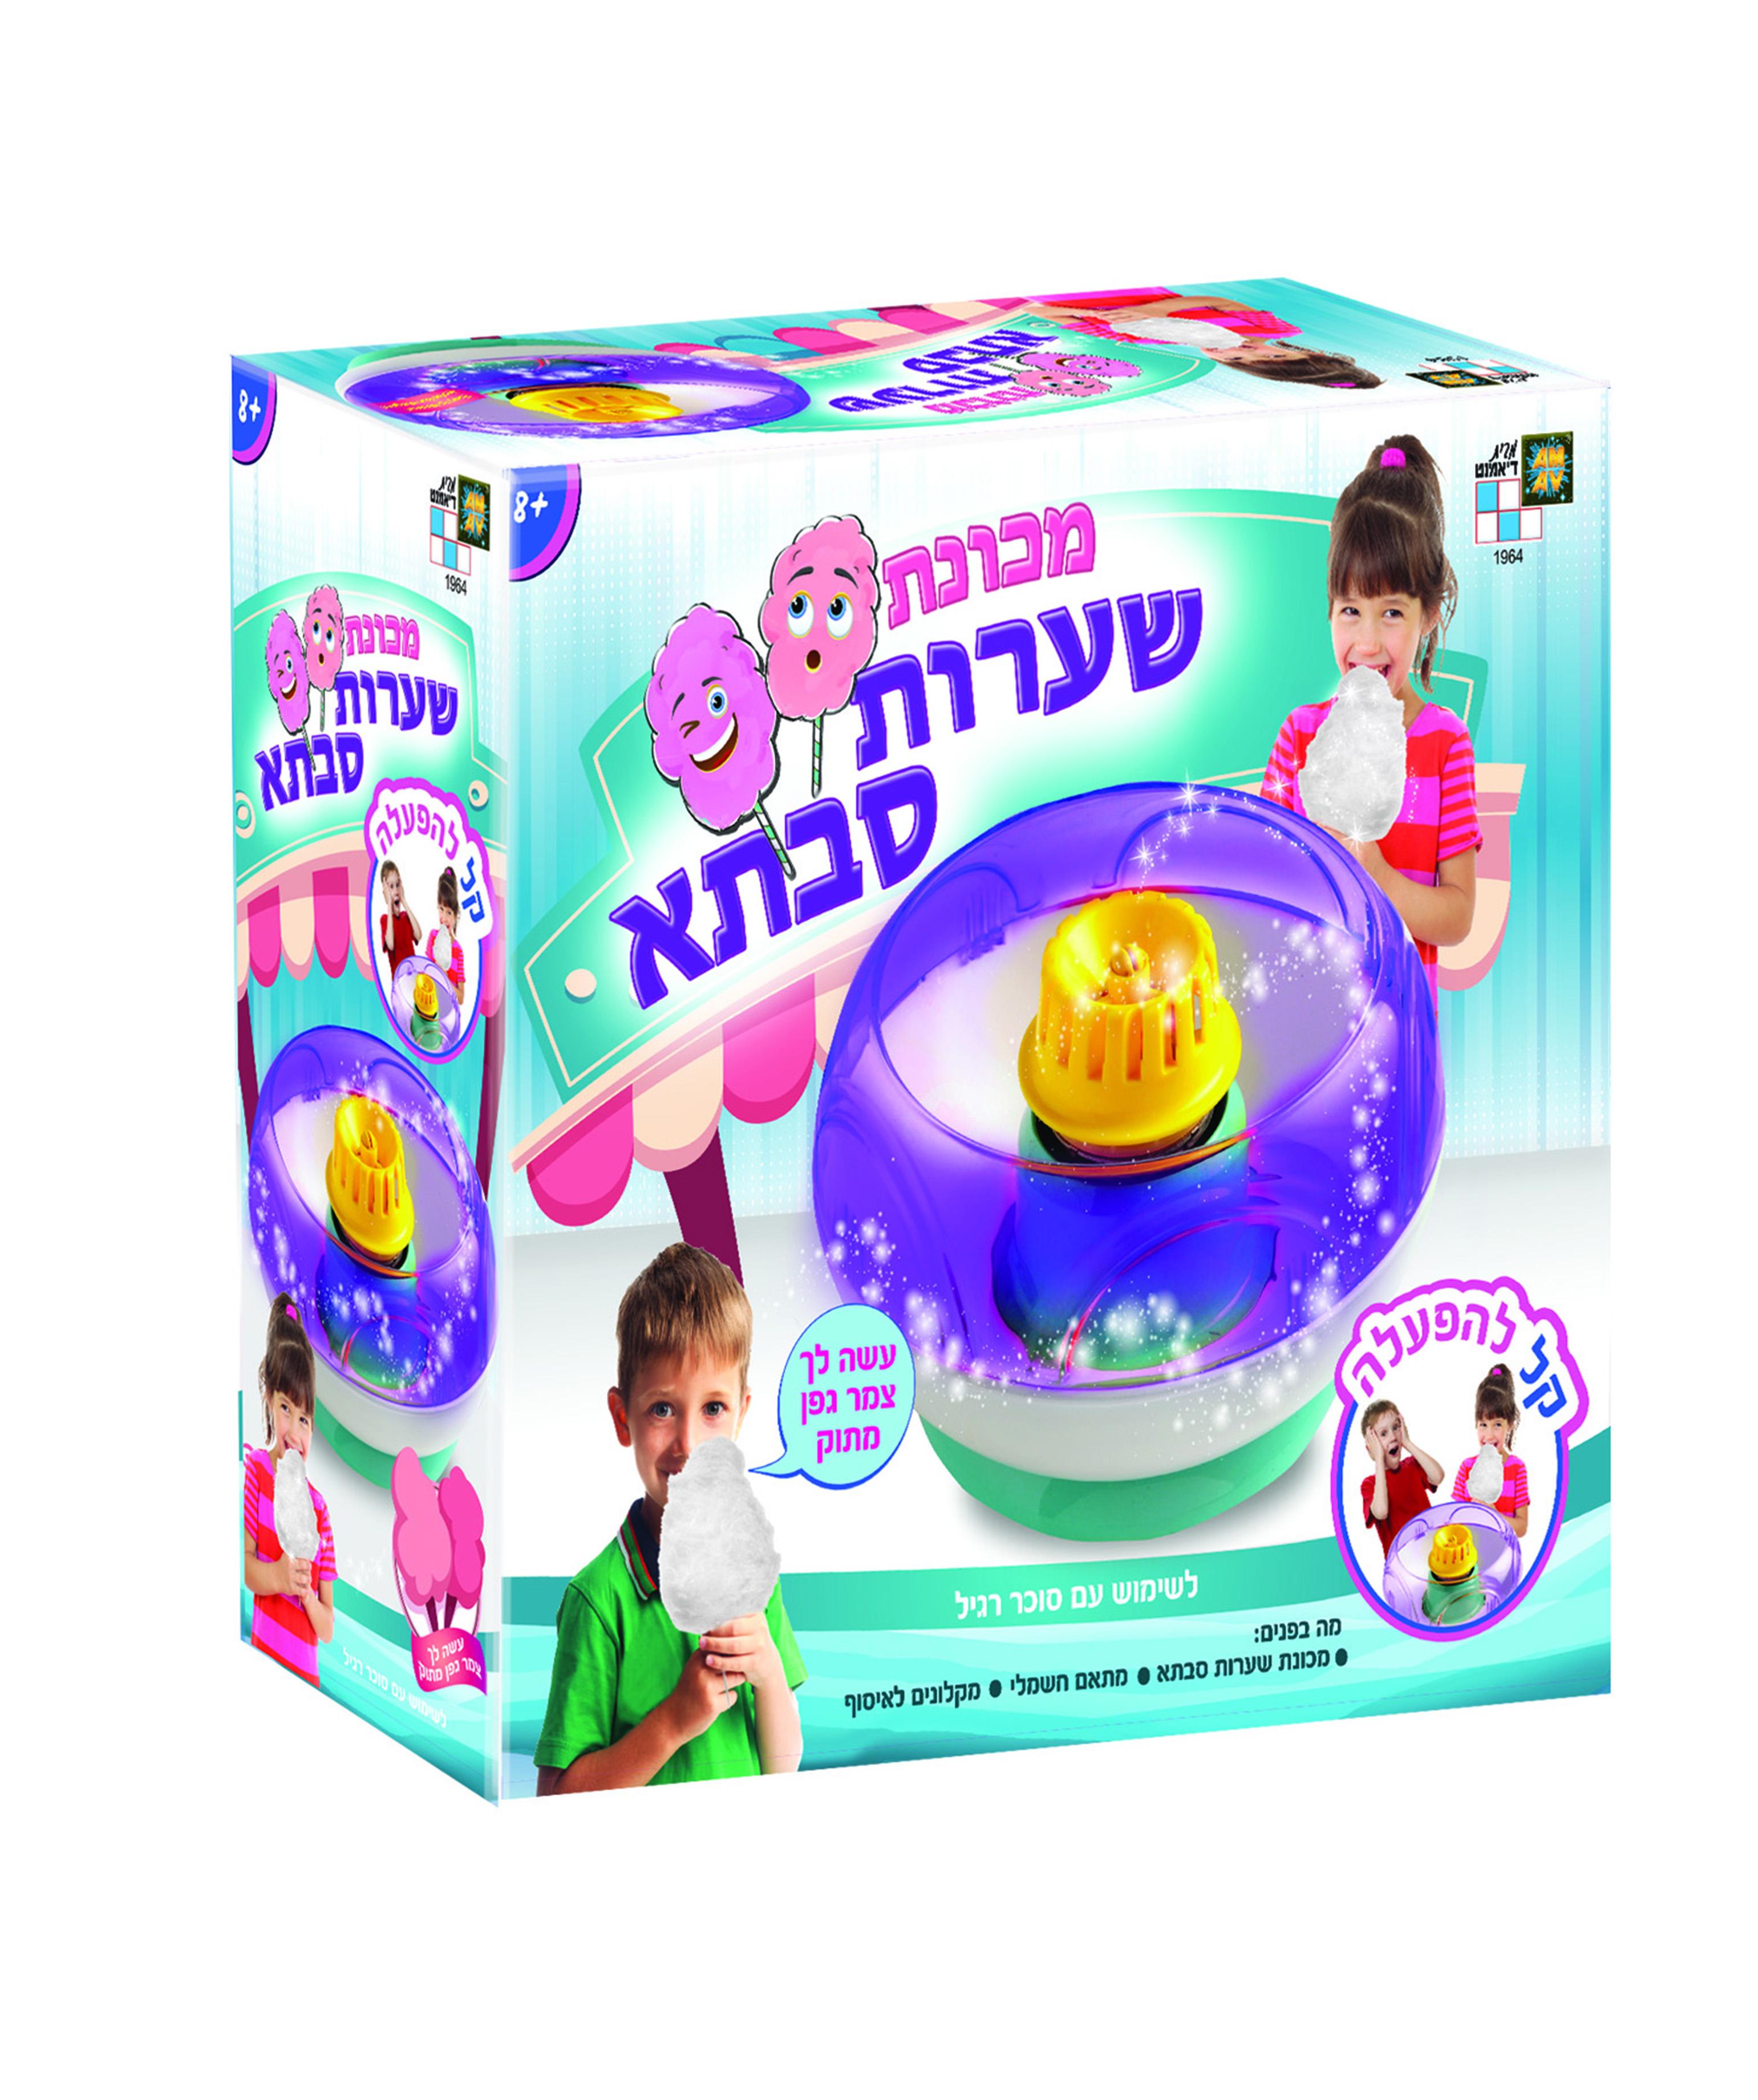 מעולה  מכונת שערות סבתא - . - חנות צעצועים לילדים - אמיגו IV-81